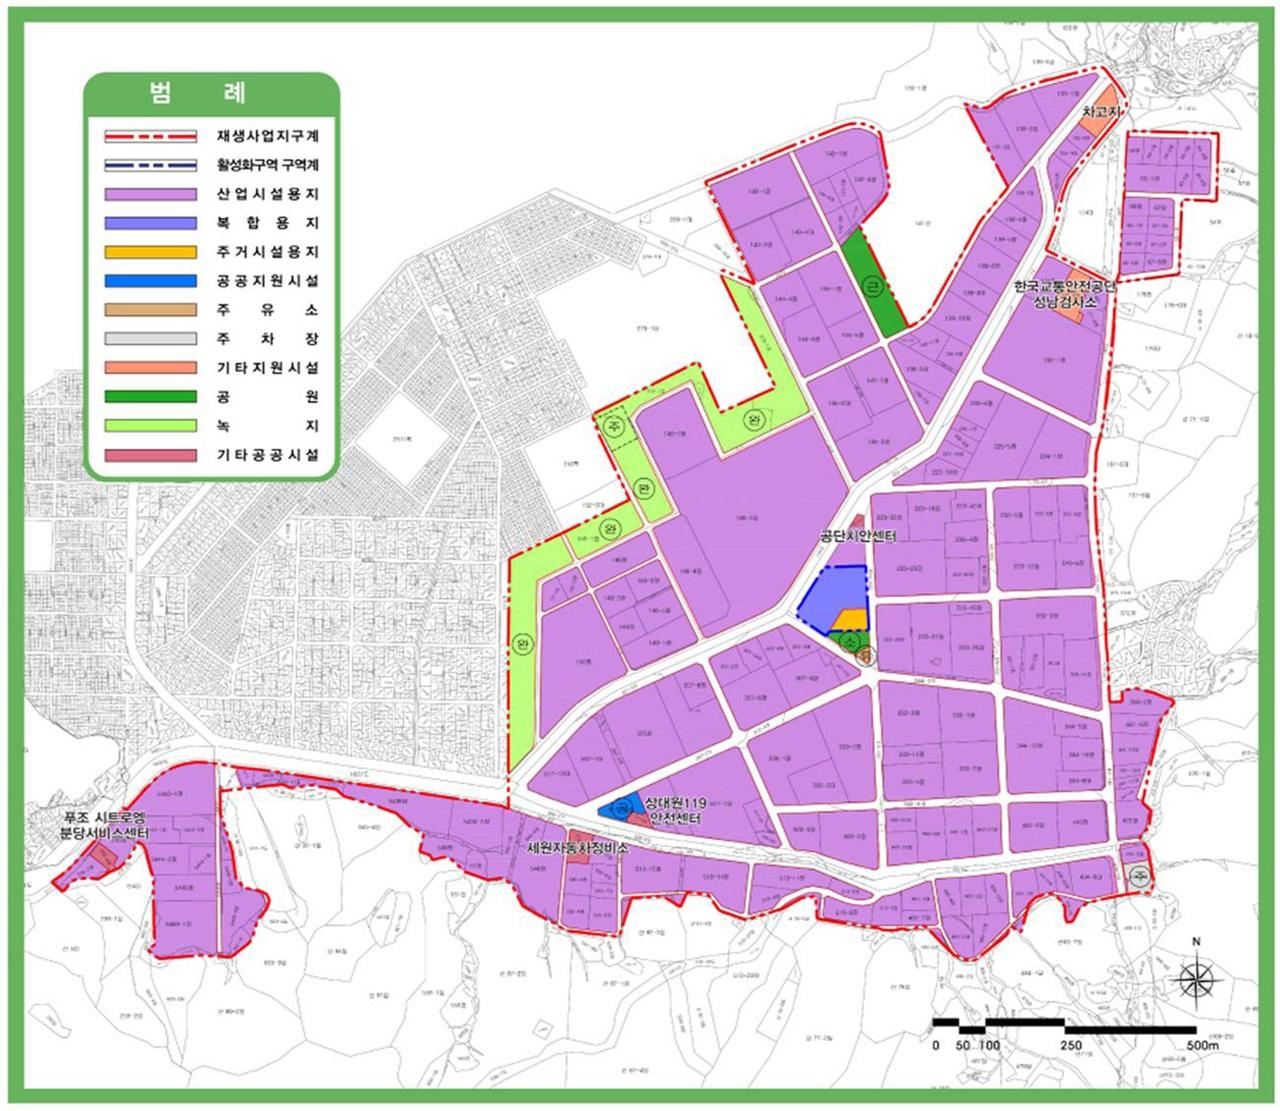 경기 성남시가 성남일반산업단지(성남하이테크밸리)의 산업시설용지에서 복합용지로 변경할 토지이용계획 변경 대상지를 민간사업자 공모를 통해 추진한다.